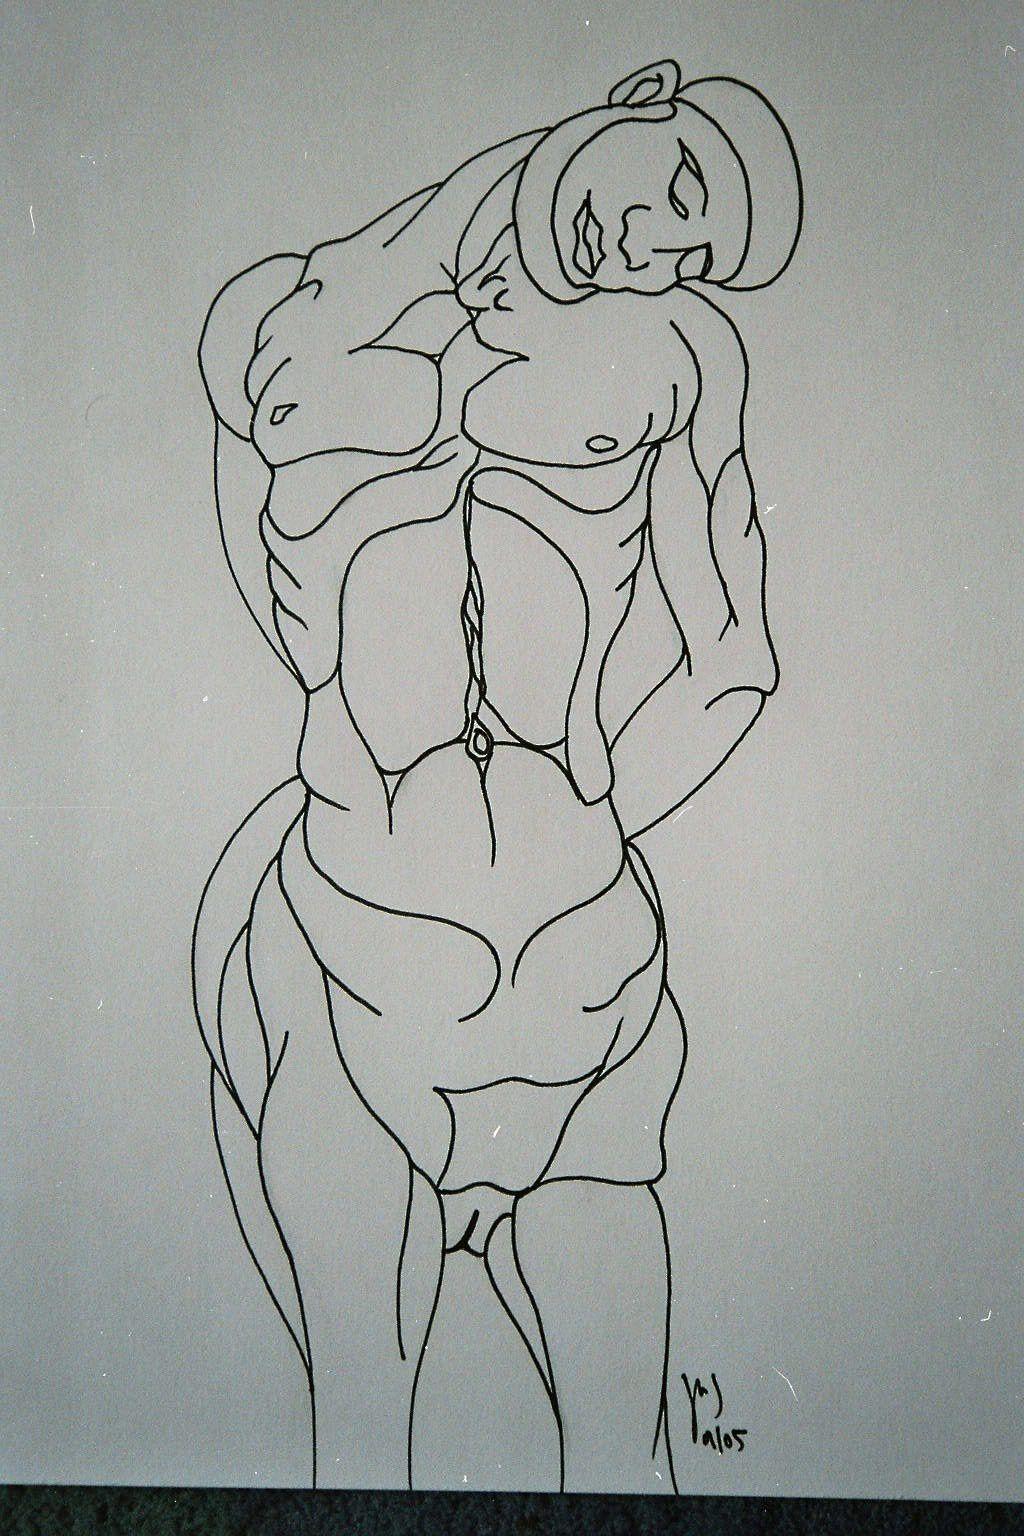 Encre sur papier, A3, 2005